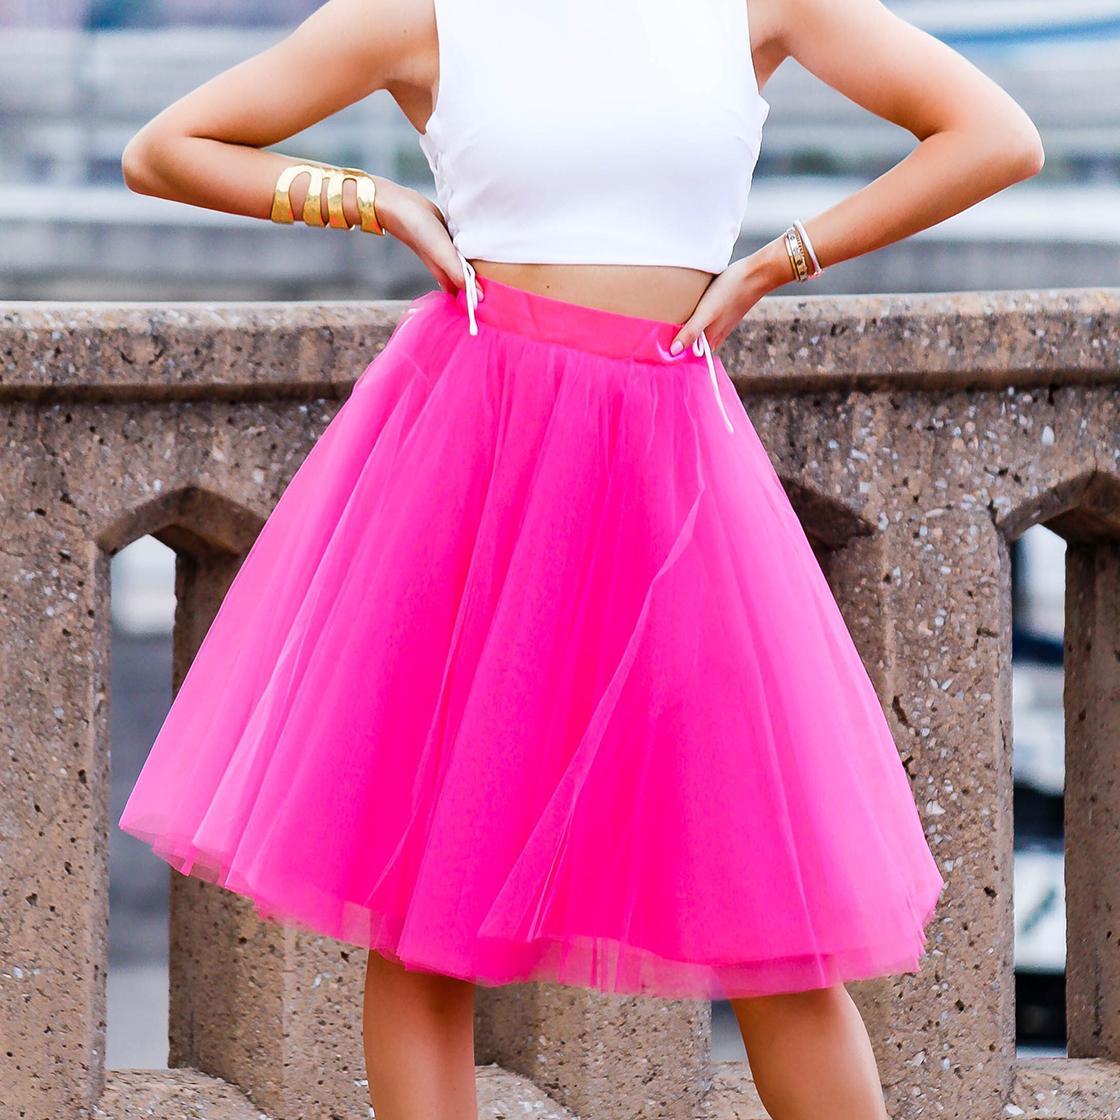 b42ba154603b18 Großhandel Frauen Knielangen Tüll Rock Frauen Rosa Reich Mädchen Tutu Plus  Größe Tüll Röcke Designer Secret Custom Von Clothesg119, $37.64 Auf  De.Dhgate.